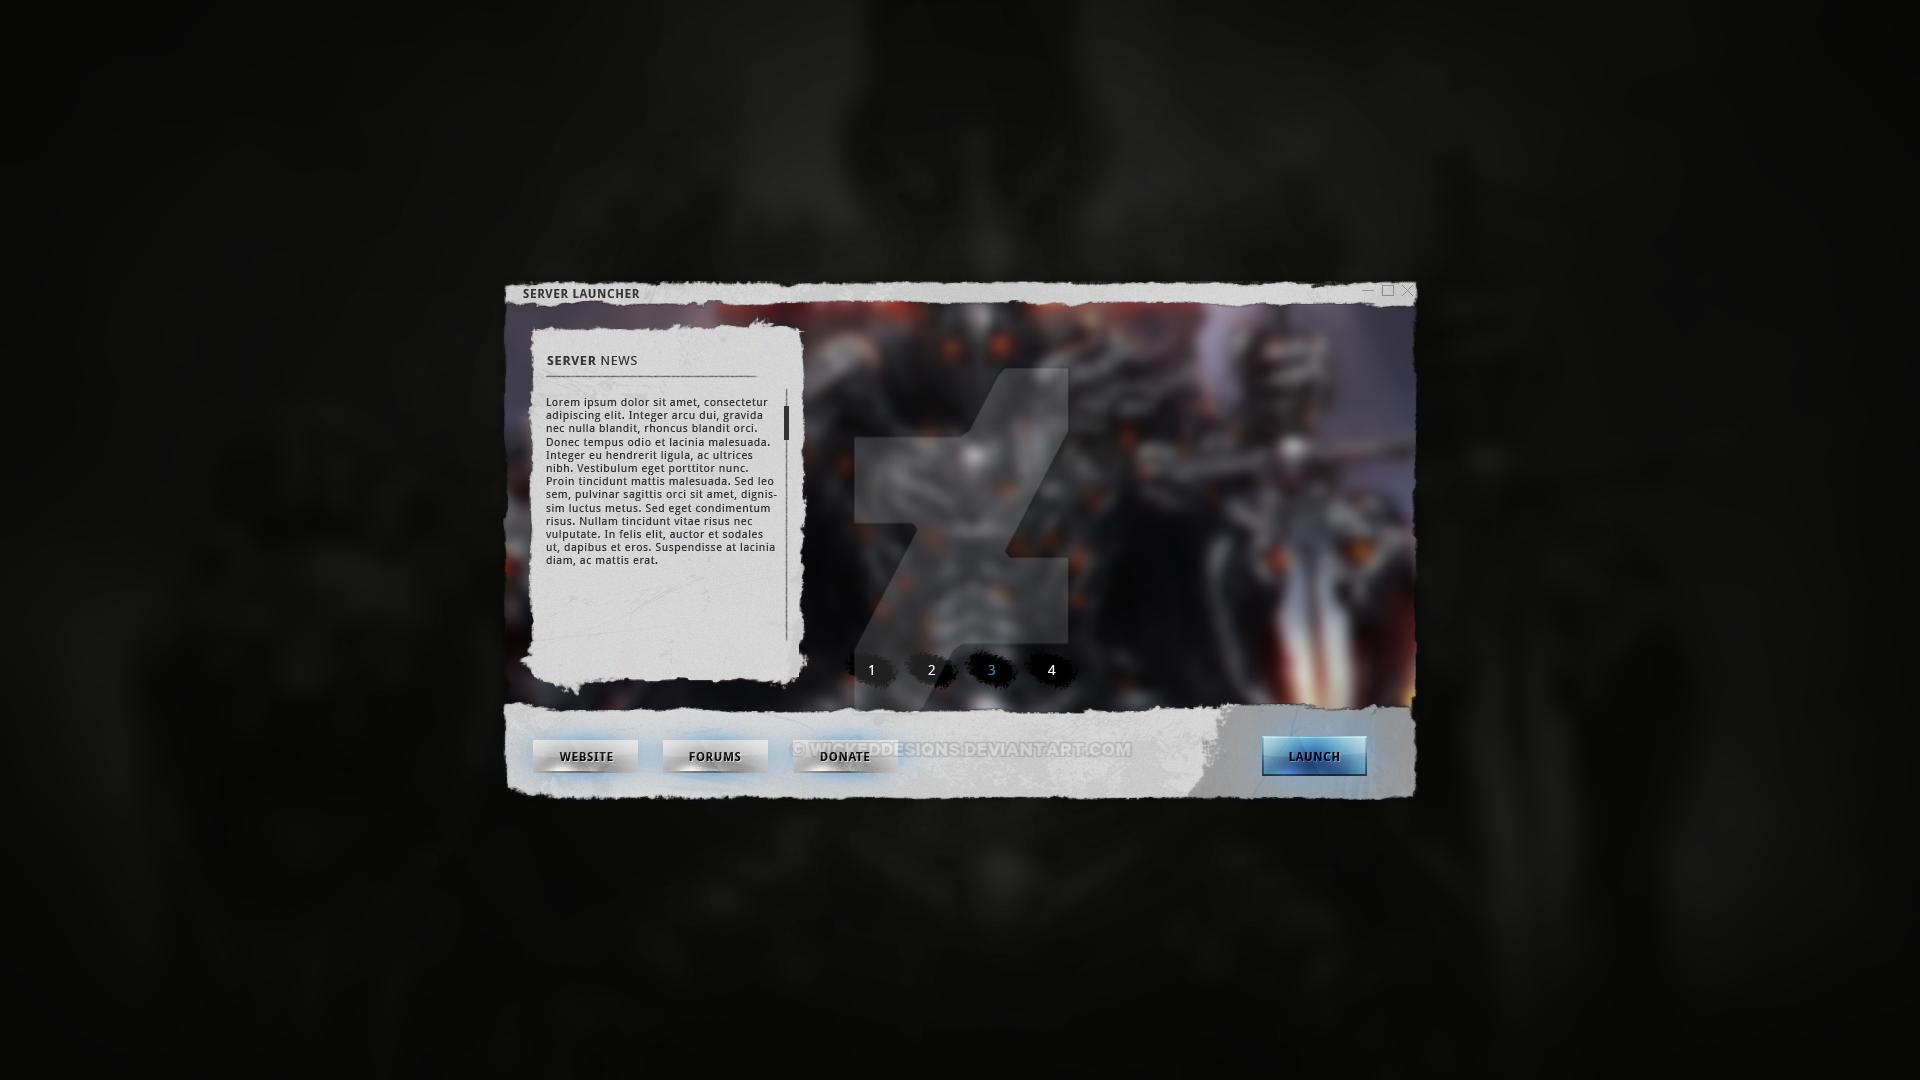 FREE] Grunge Game Launcher by WickedDesiqns on DeviantArt